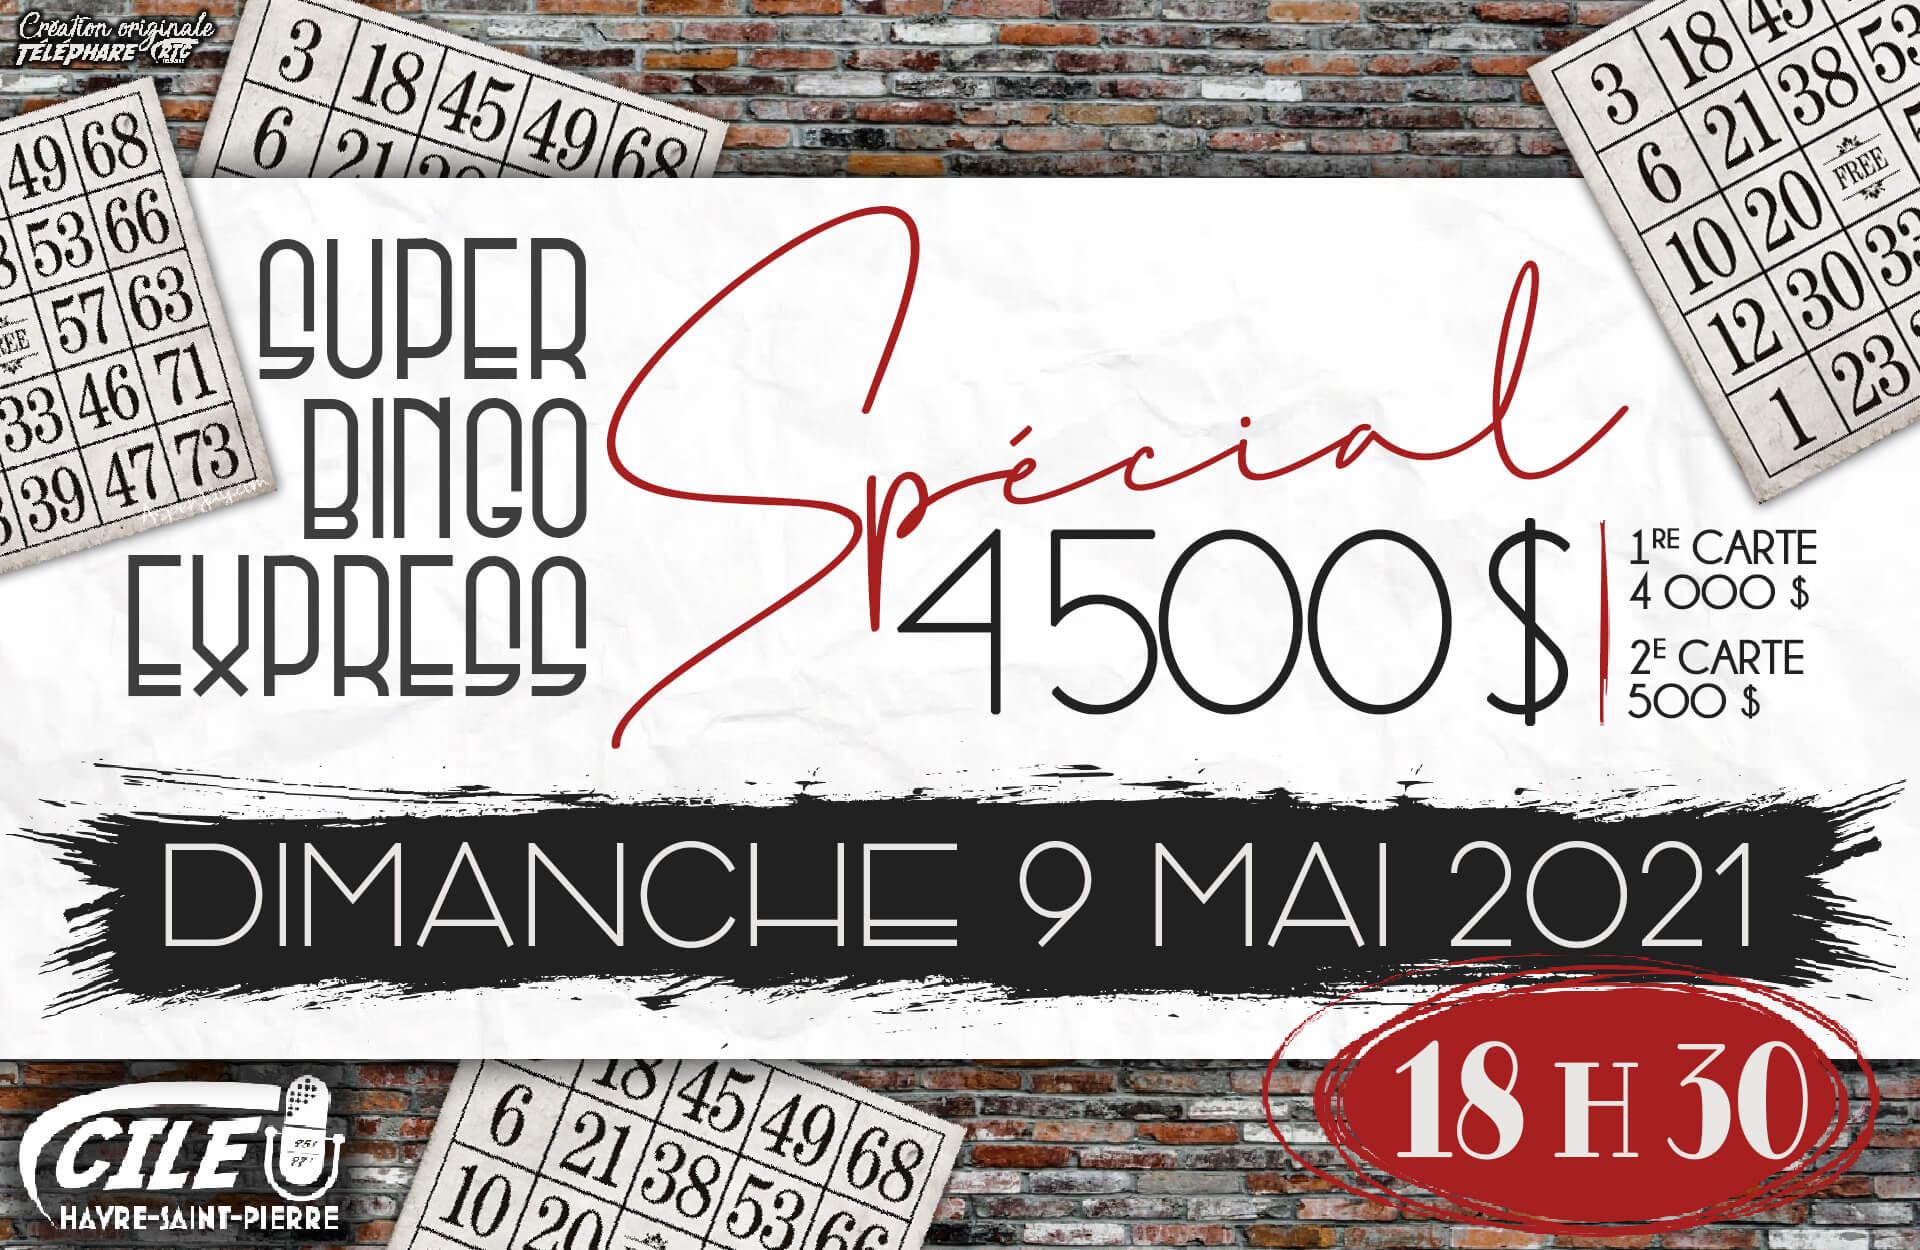 Super Bingo Spécial – 4 500 $ – 9 mai 2021 – Format Affiche 11X17